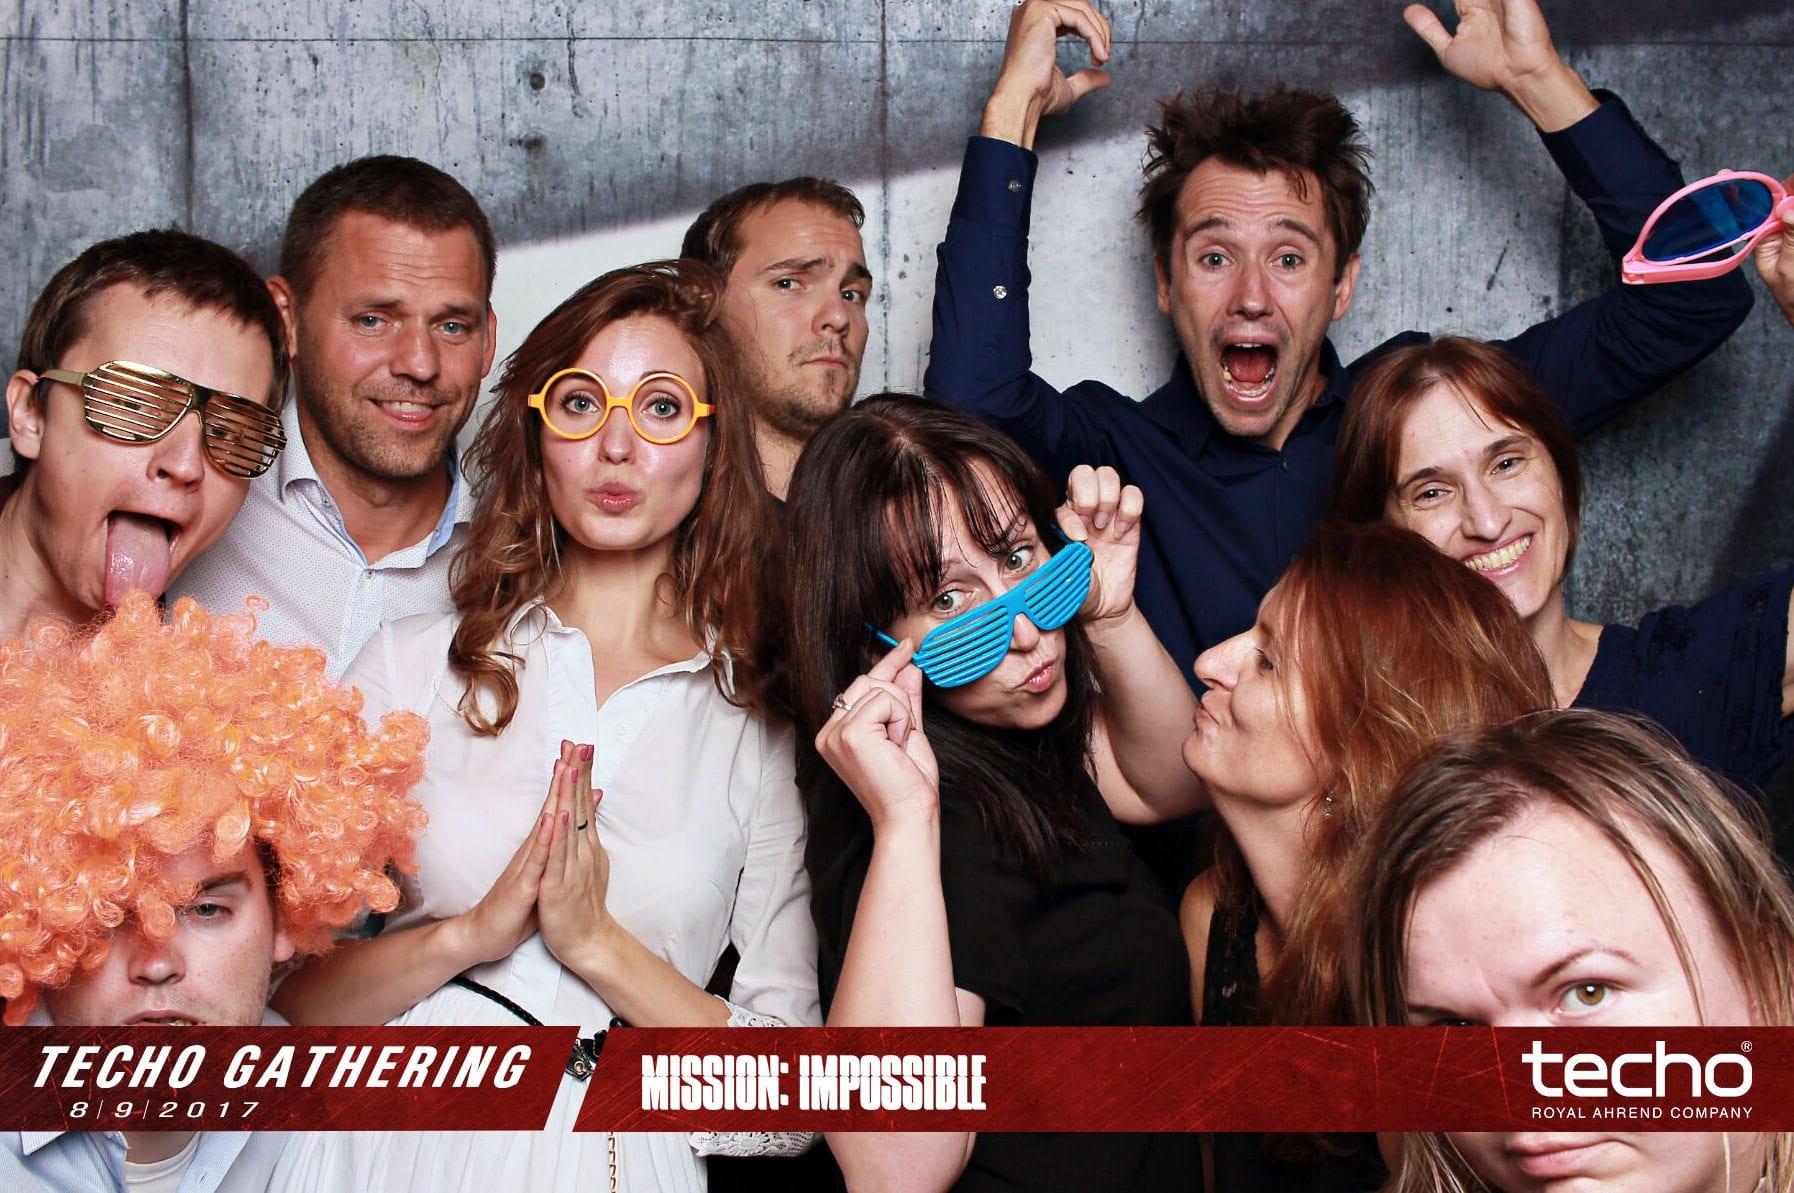 fotokoutek-techo-gathering-8-9-2017-307548